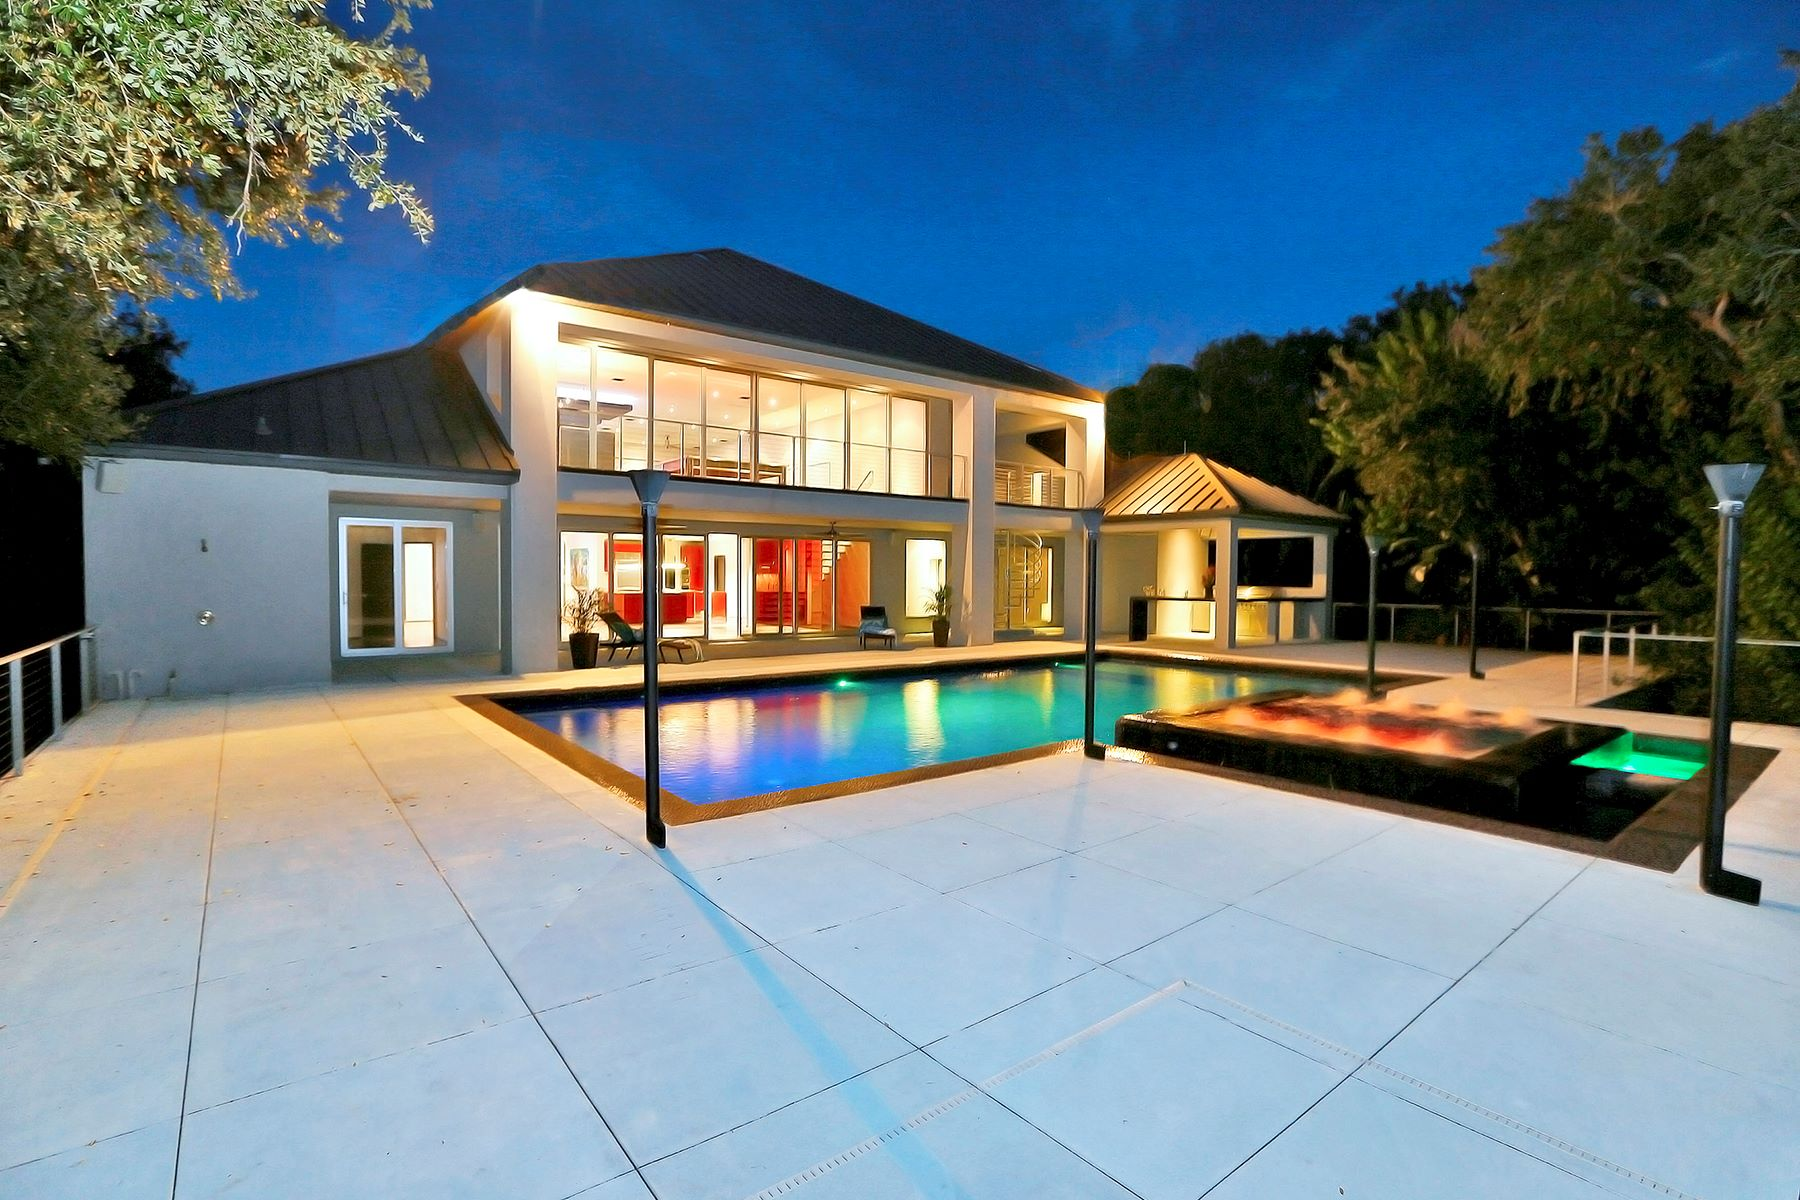 独户住宅 为 销售 在 DAYTONA BEACH - PONCE INLET 4542 S Peninsula Dr 庞塞进, 佛罗里达州, 32127 美国